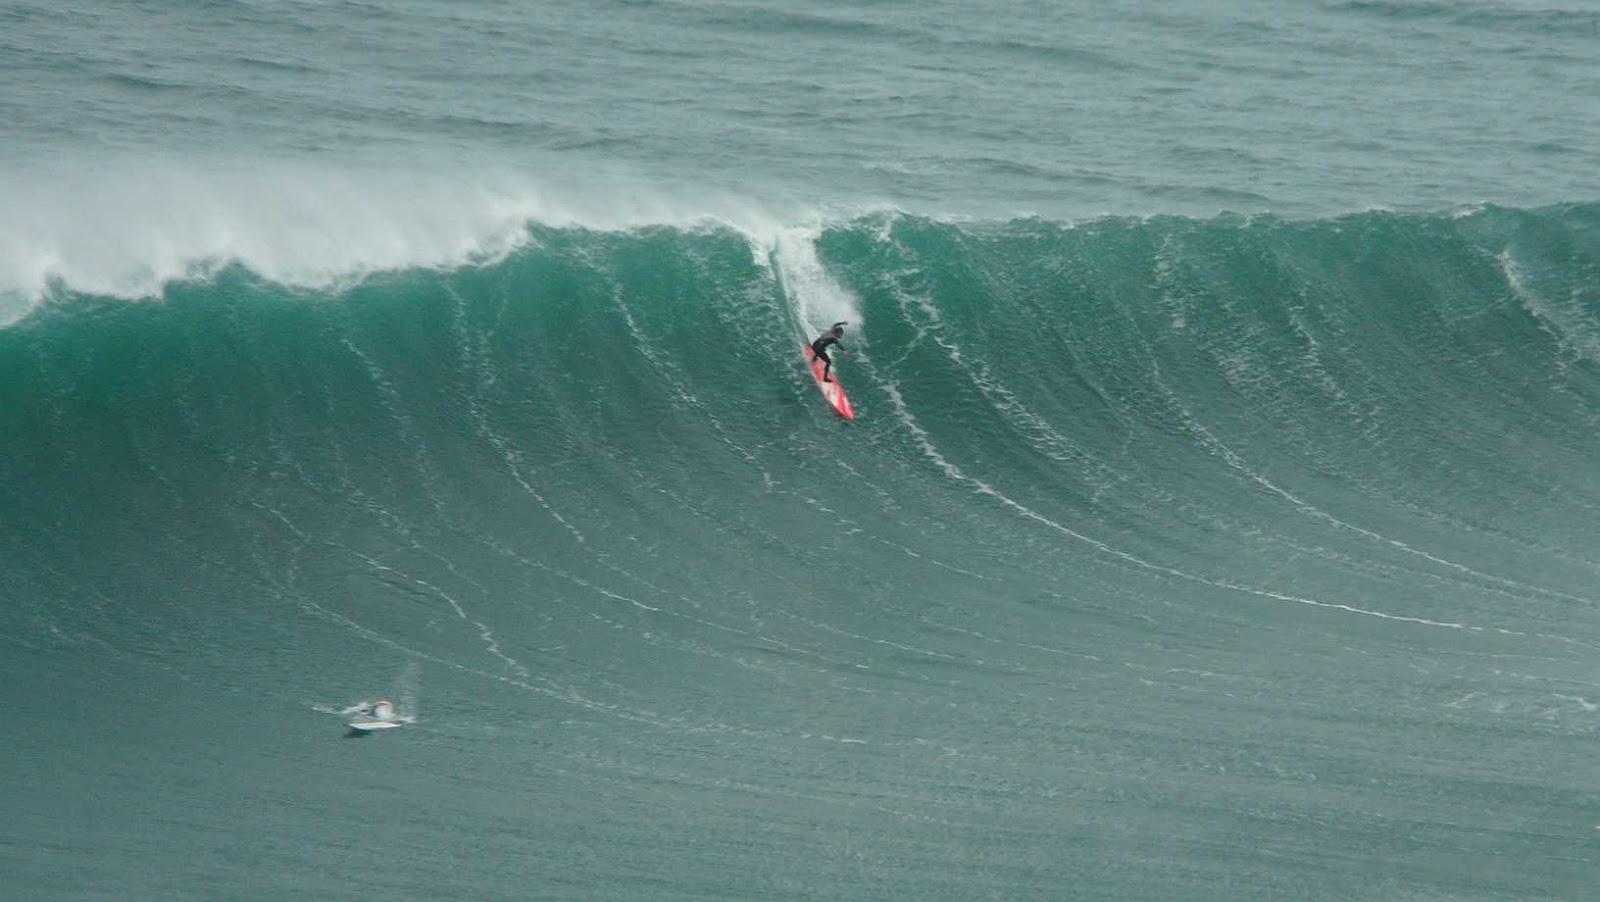 sesion otono menakoz septiembre 2015 surf olas grandes 19